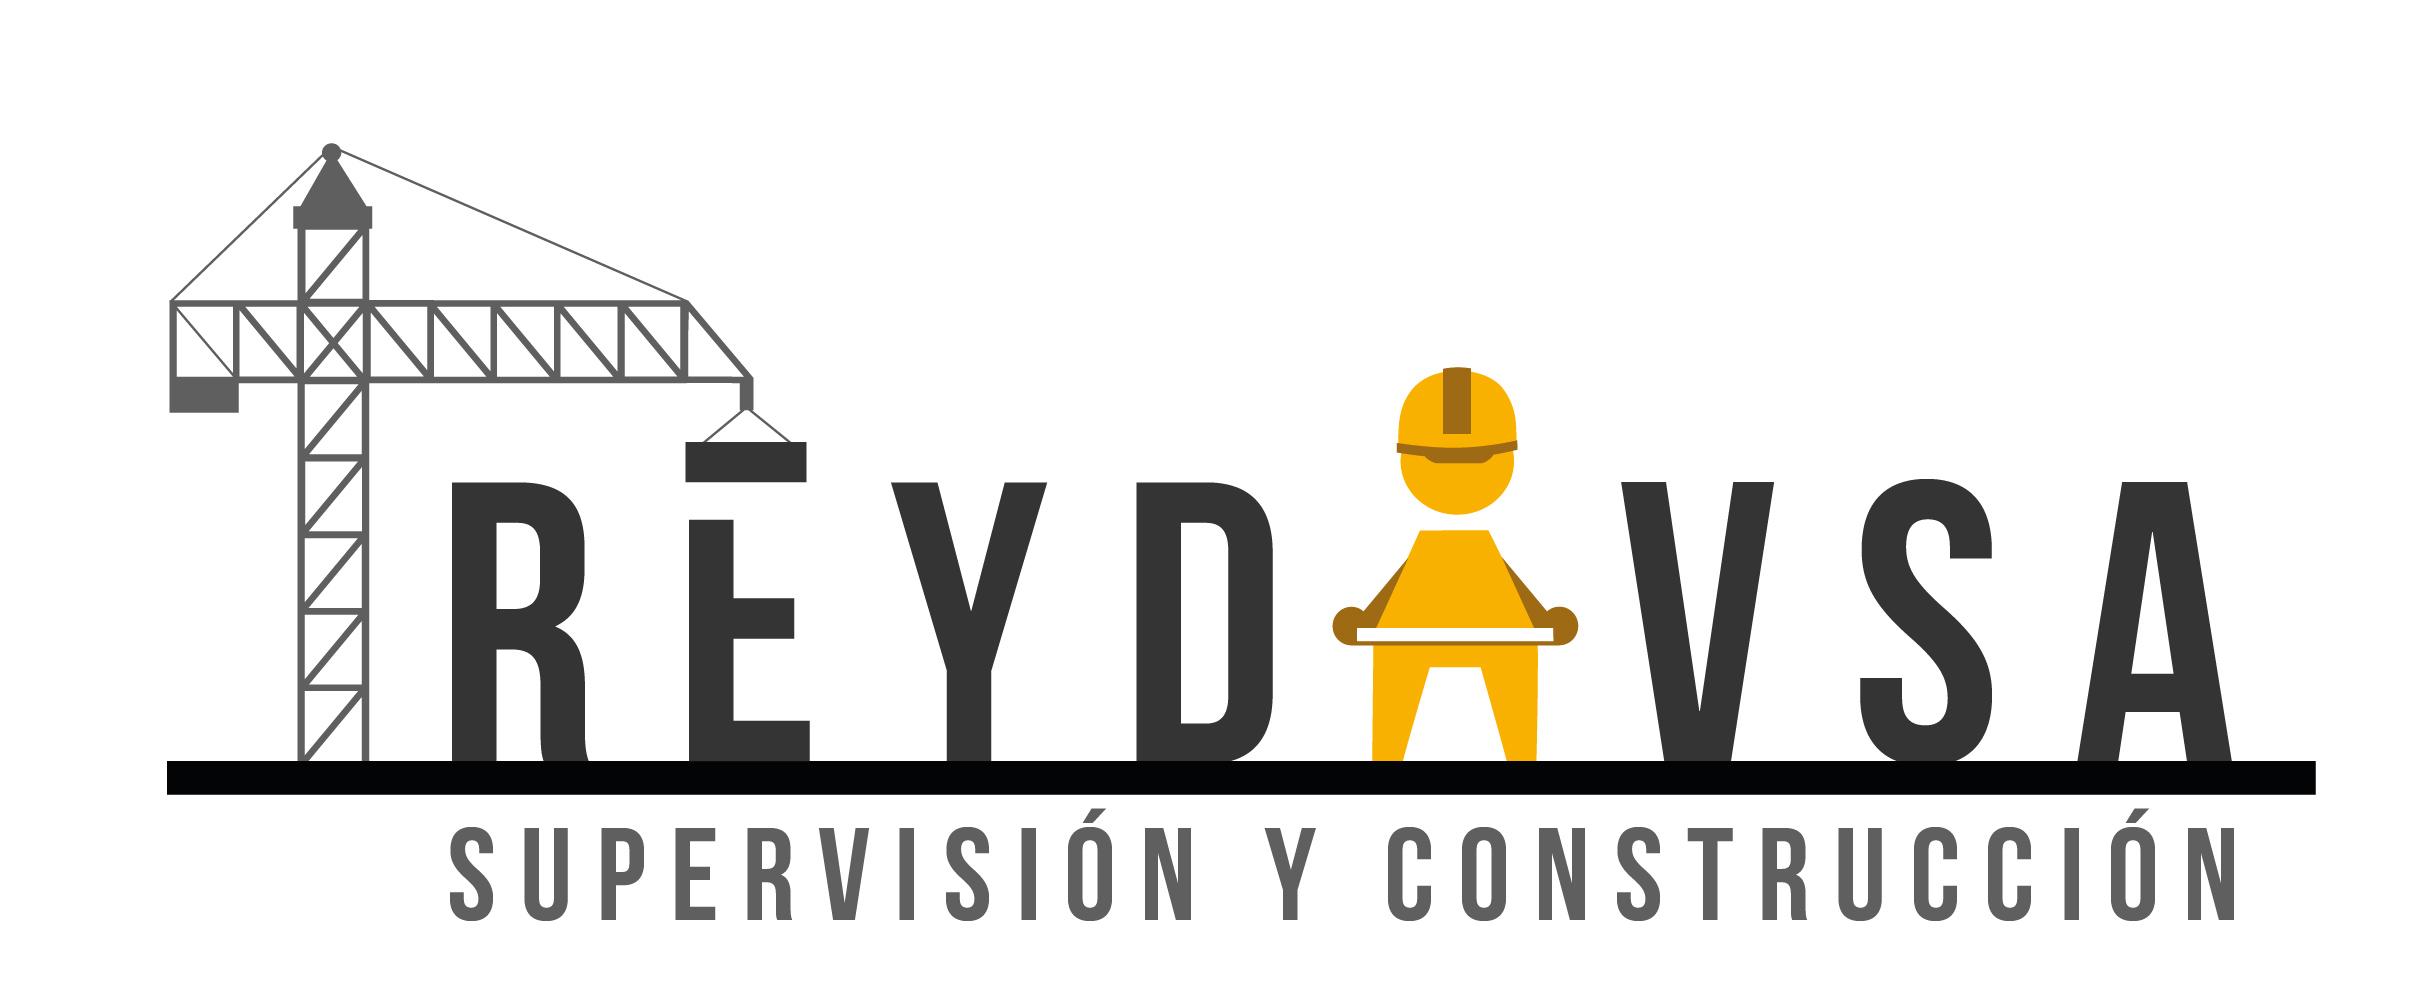 Supervisión Y Construcción Rey Davsa